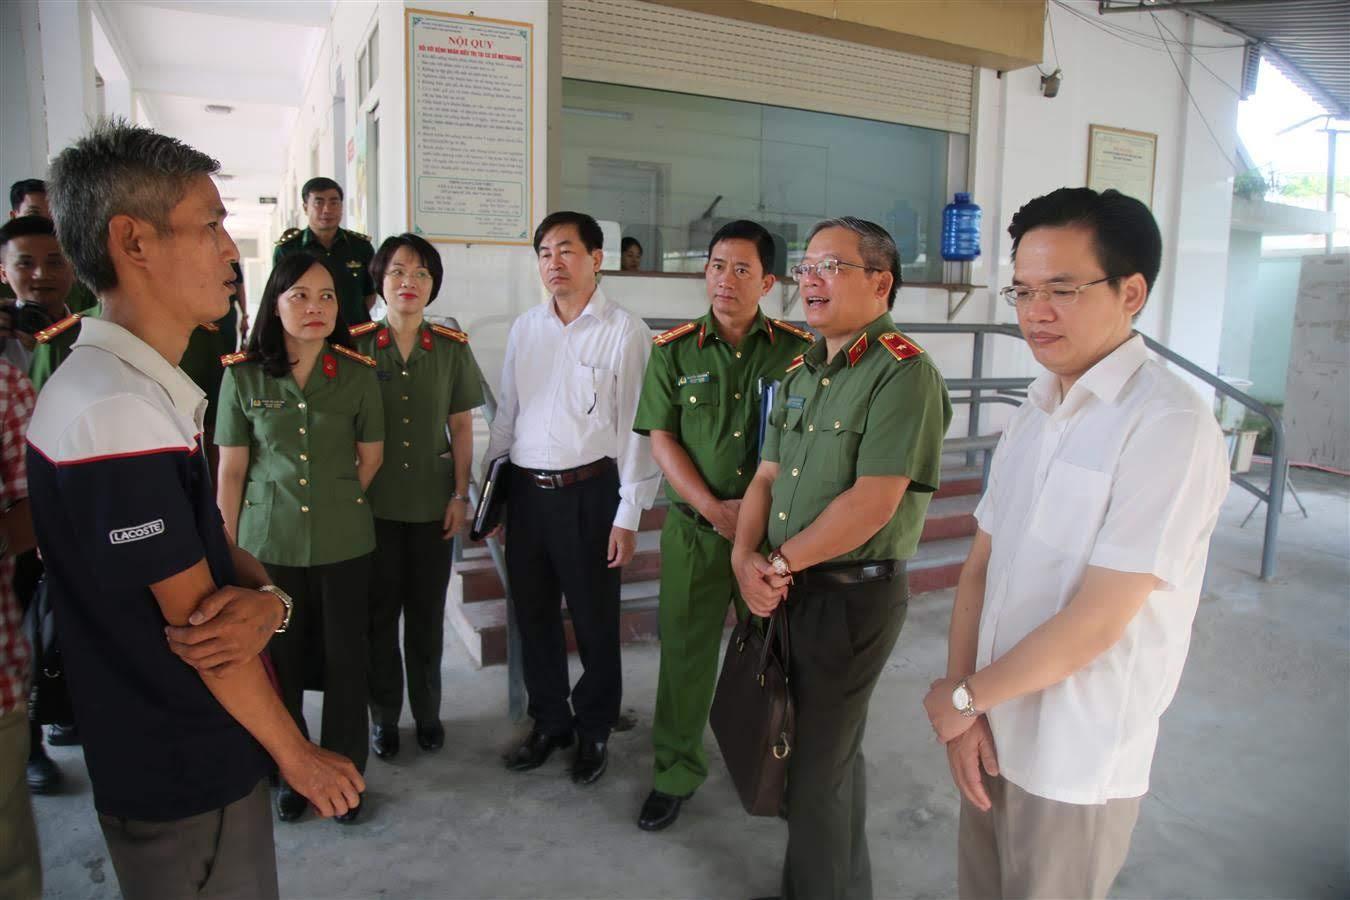 Thiếu tướng Hoàng Anh Tuyên, Phó chánh văn phòng Bộ Công an cùng đoàn công tác đến thăm Trung tâm phòng chống HIV/AIDS tỉnh Nghệ An.